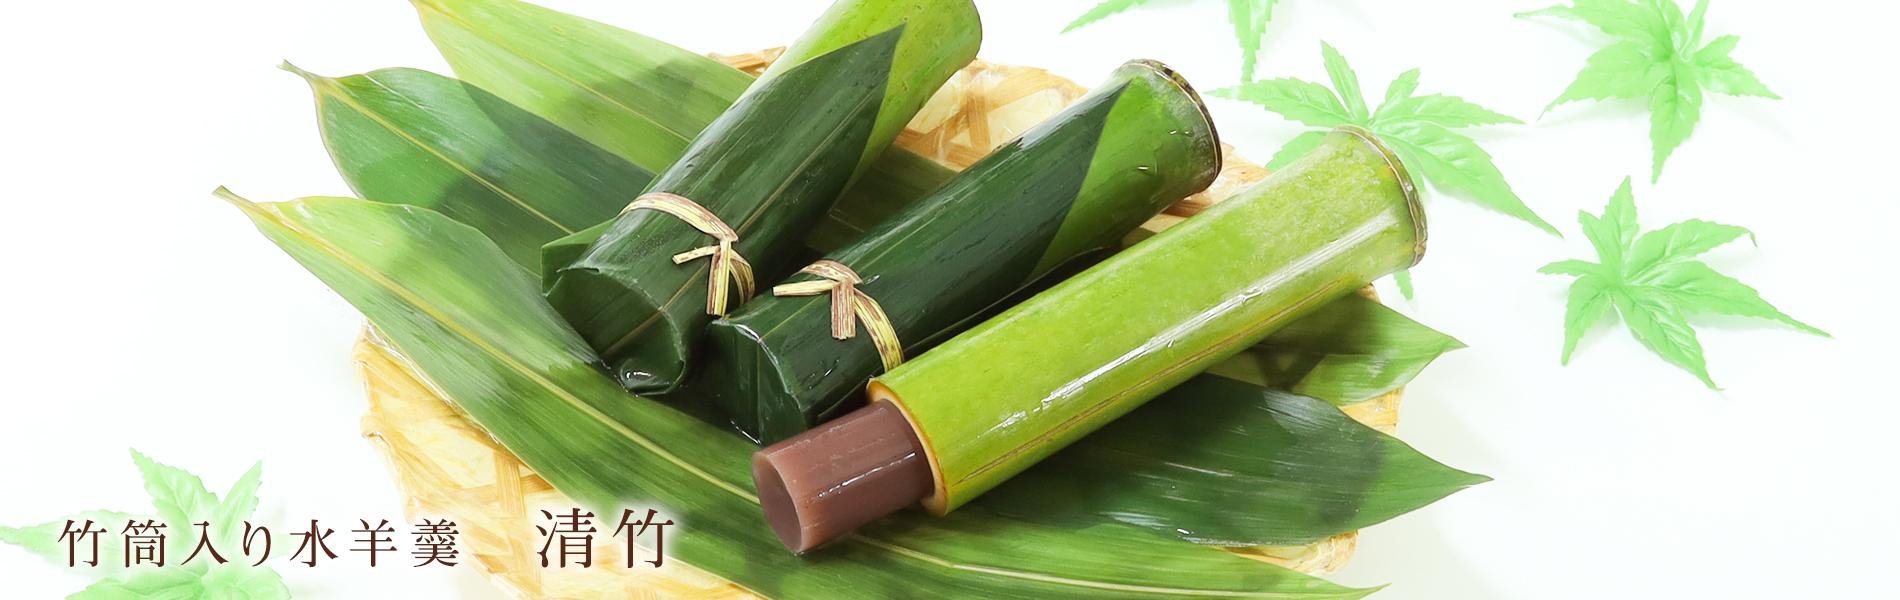 竹筒入り水羊羹清竹